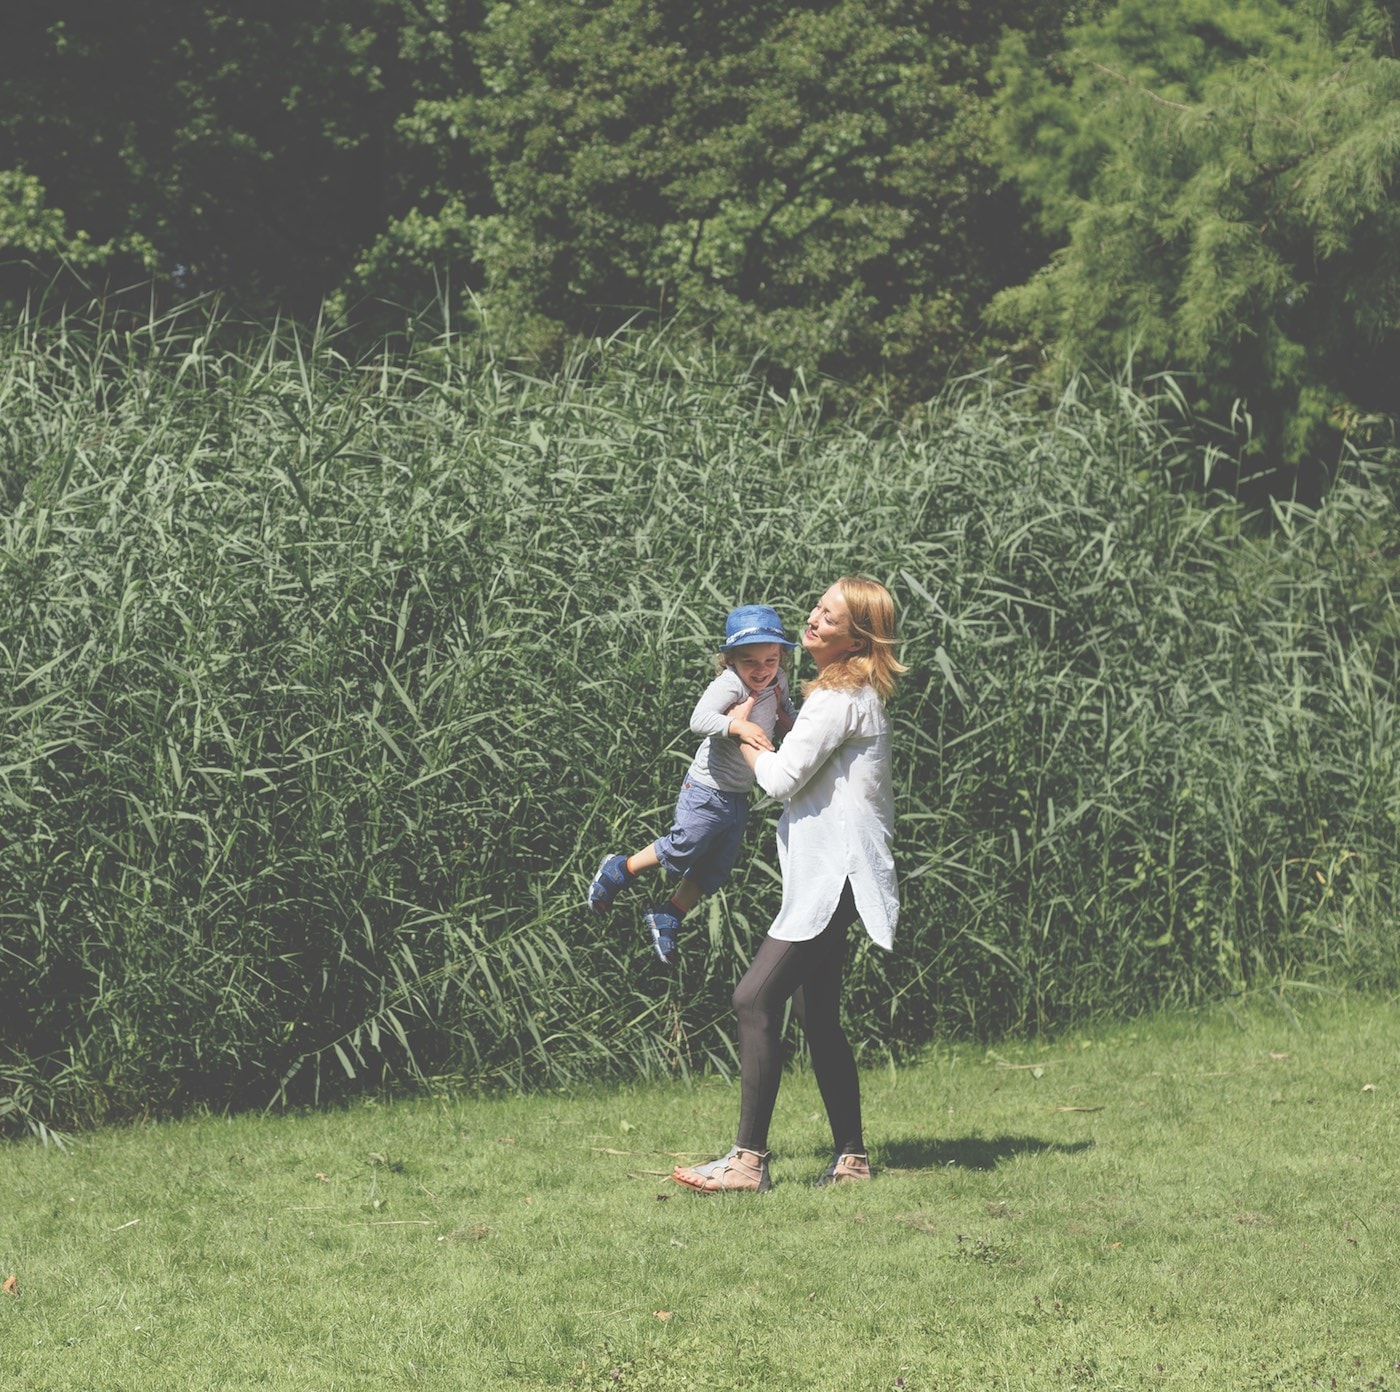 Berliner Parks für Familien: Grünflächen zum Spielen, Toben, Picknicken // HIMBEER